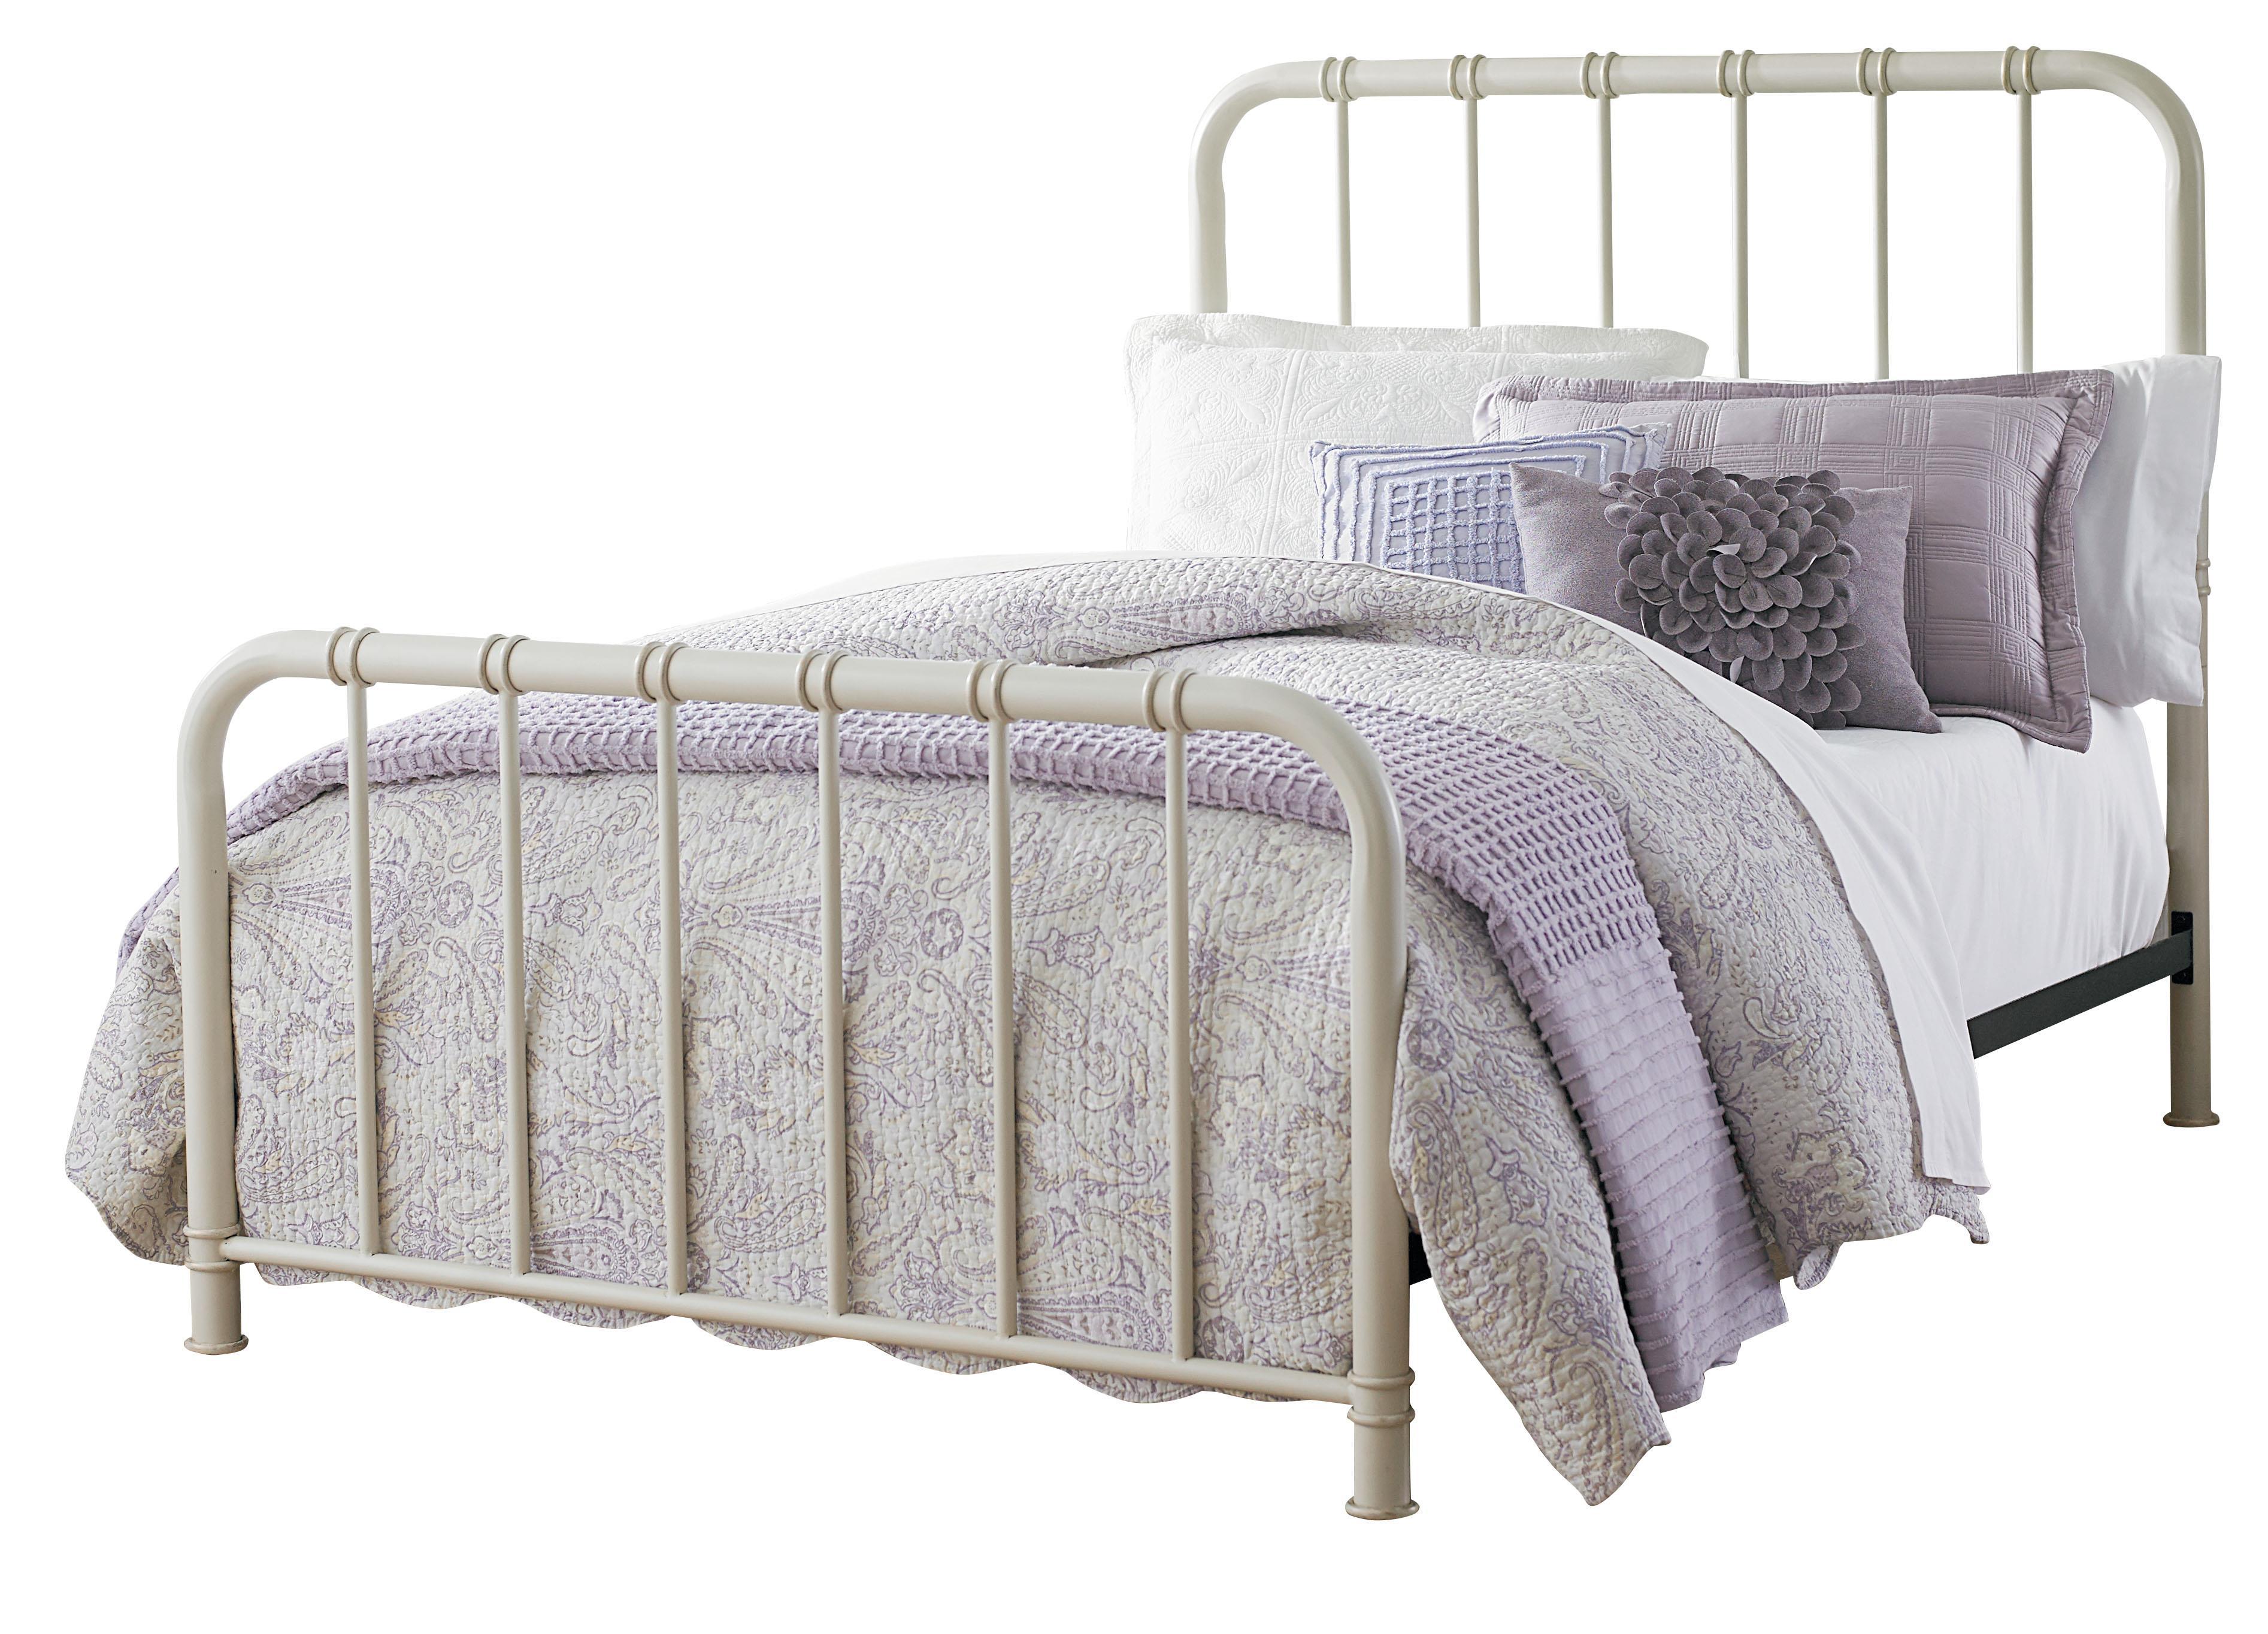 Standard Furniture Tristen King Metal Bed - Item Number: 87581+82